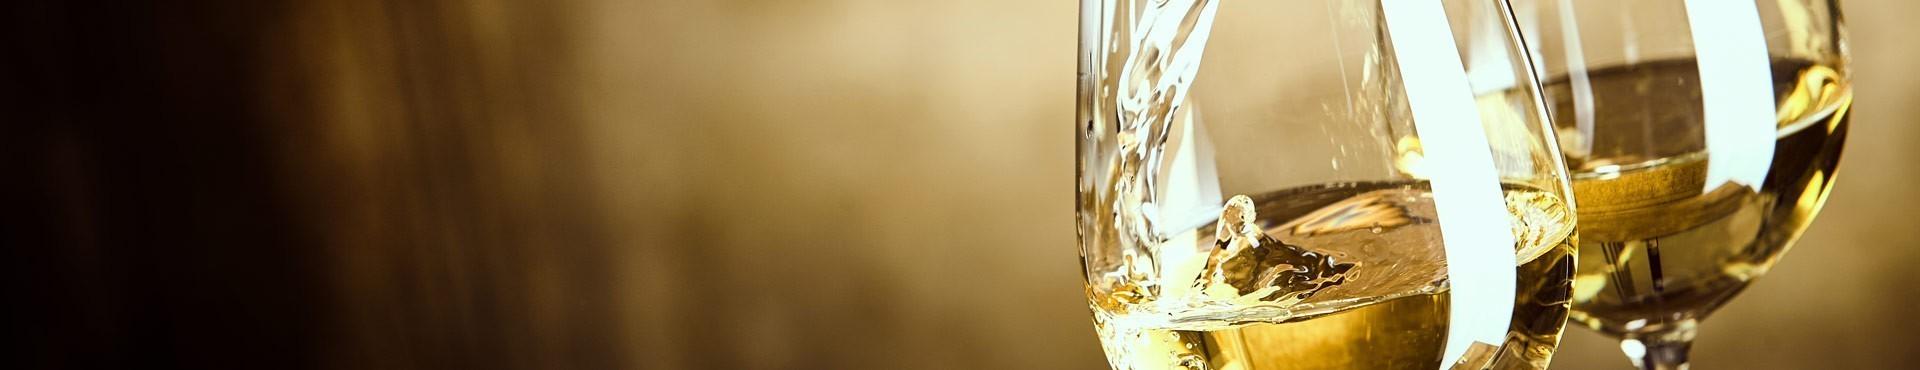 Nos vins blancs de l'Étranger - OnWine